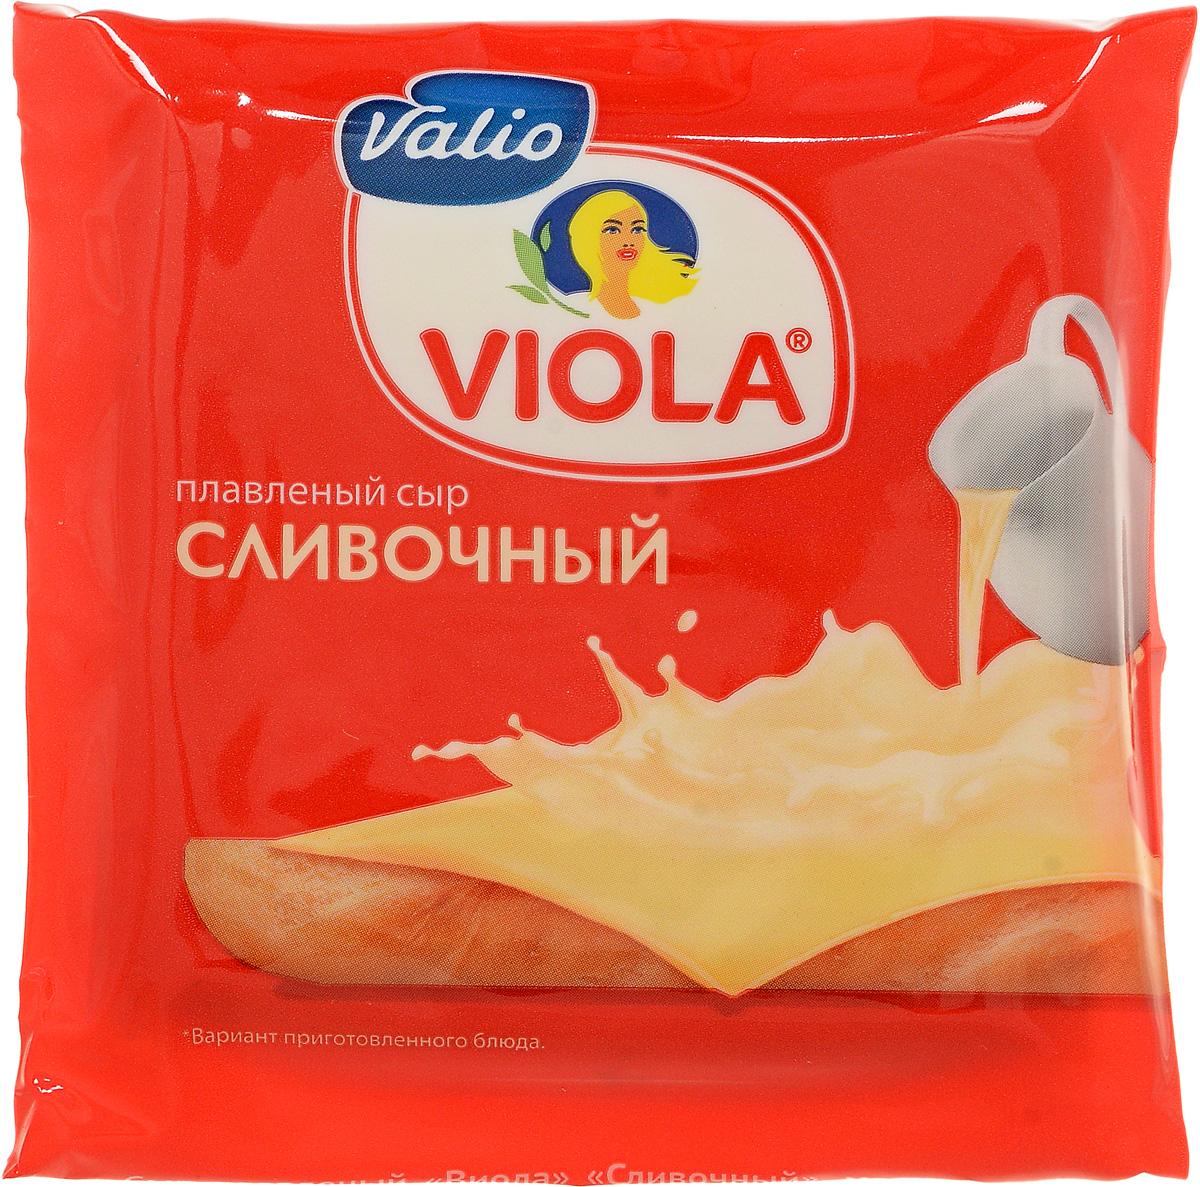 Valio Viola Сыр плавленый Сливочный, в ломтиках, 140 г valio viola сыр сливочный плавленый в ломтиках 140 г